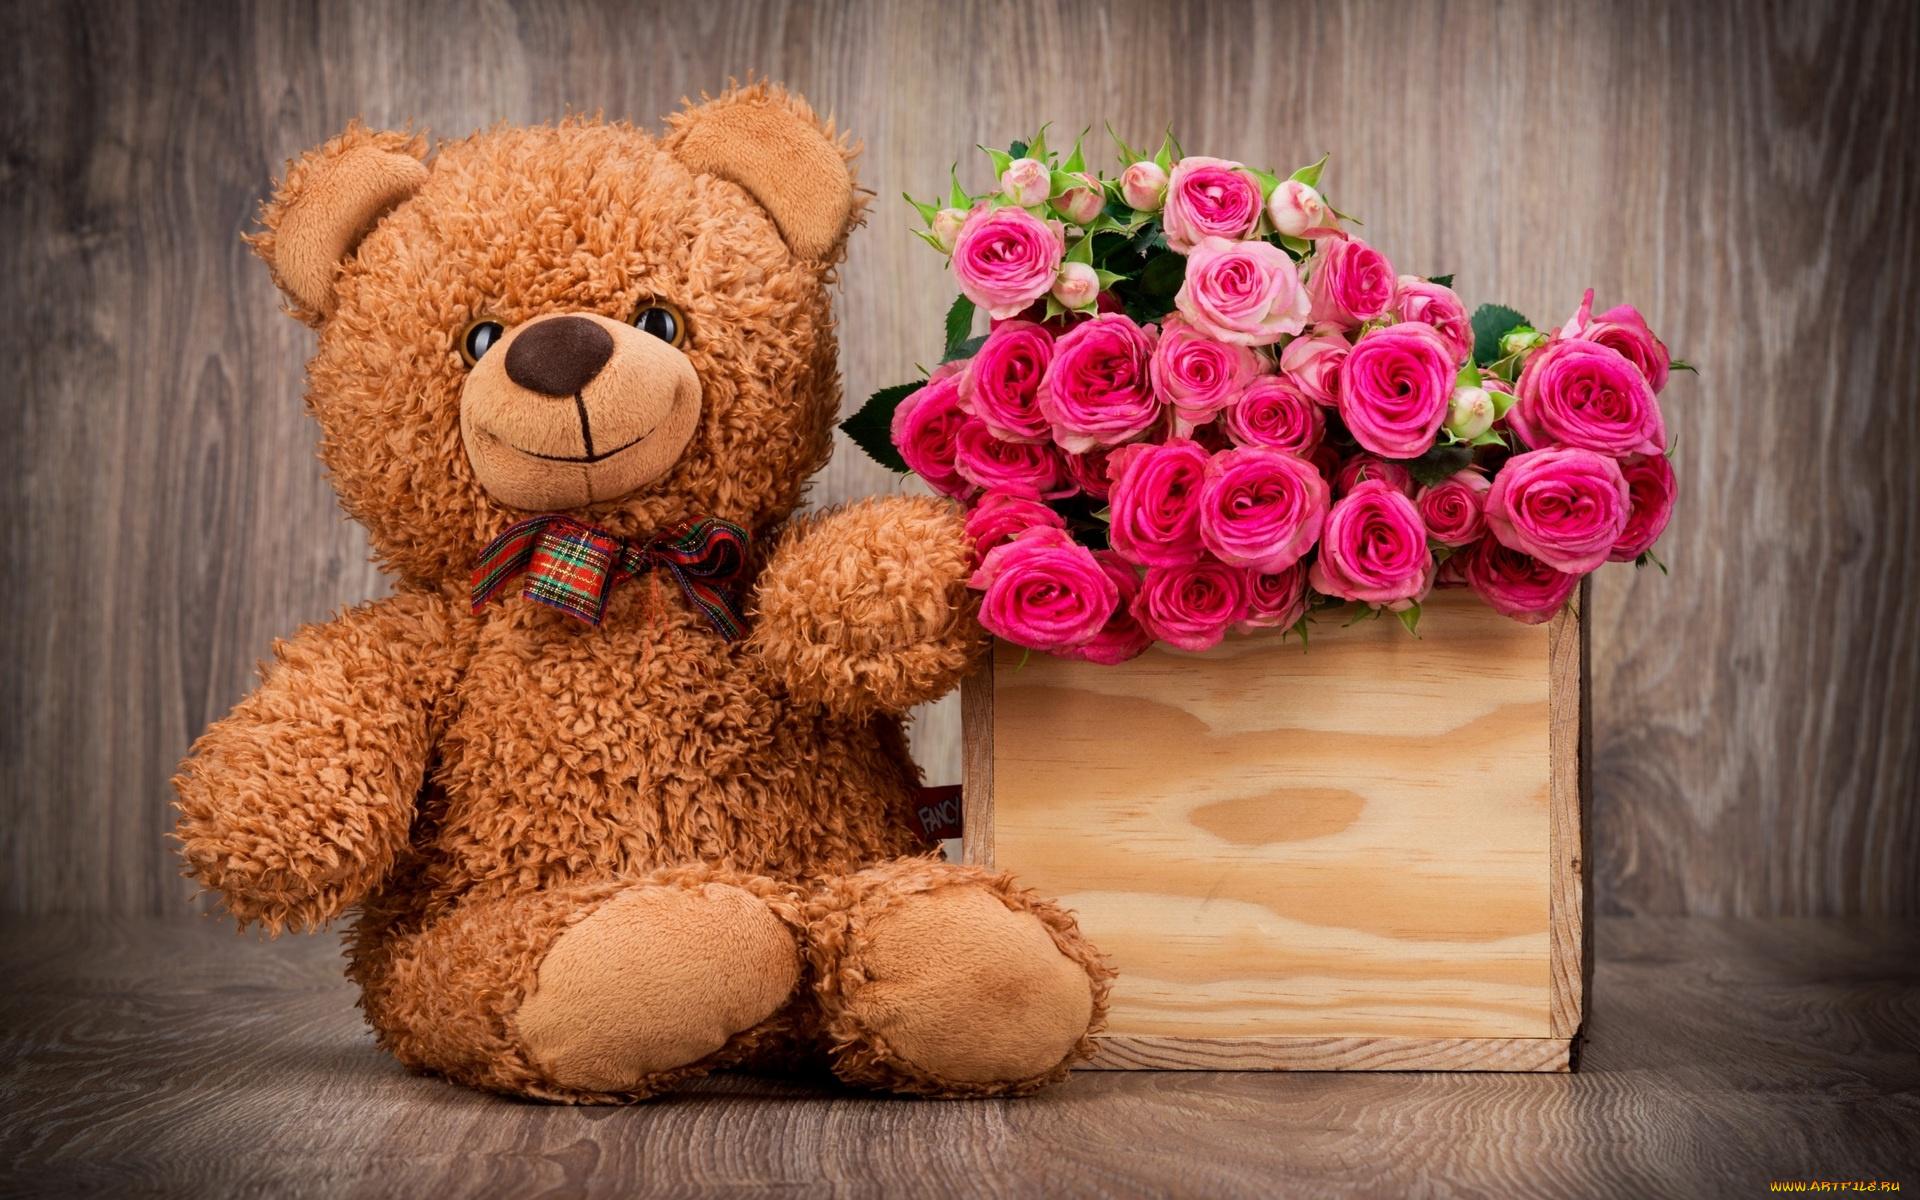 С днем рождения сестра открытка с цветами